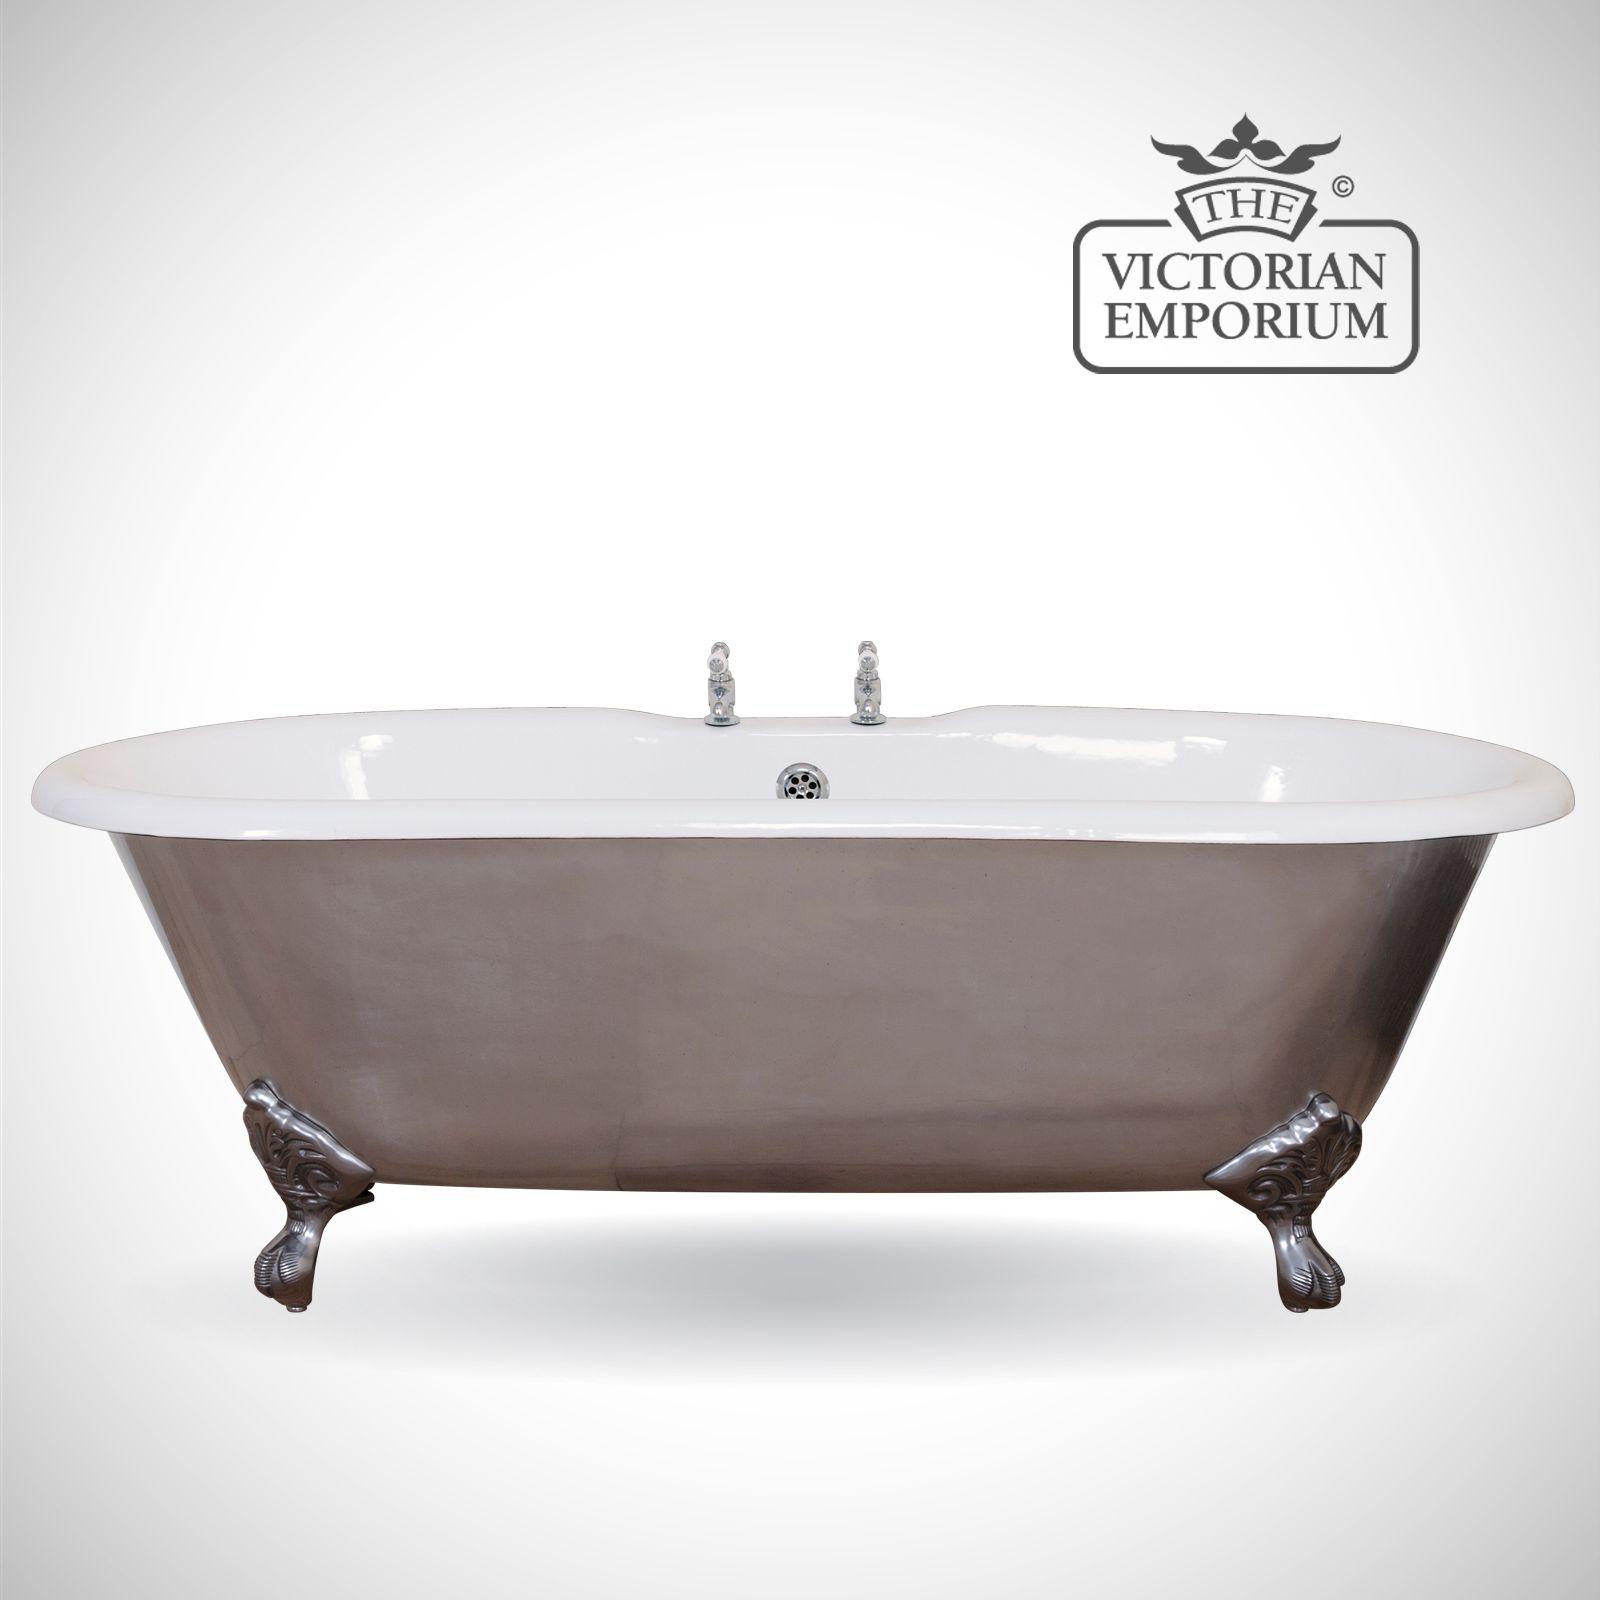 Bisleigh cast iron bath - polished | Baths